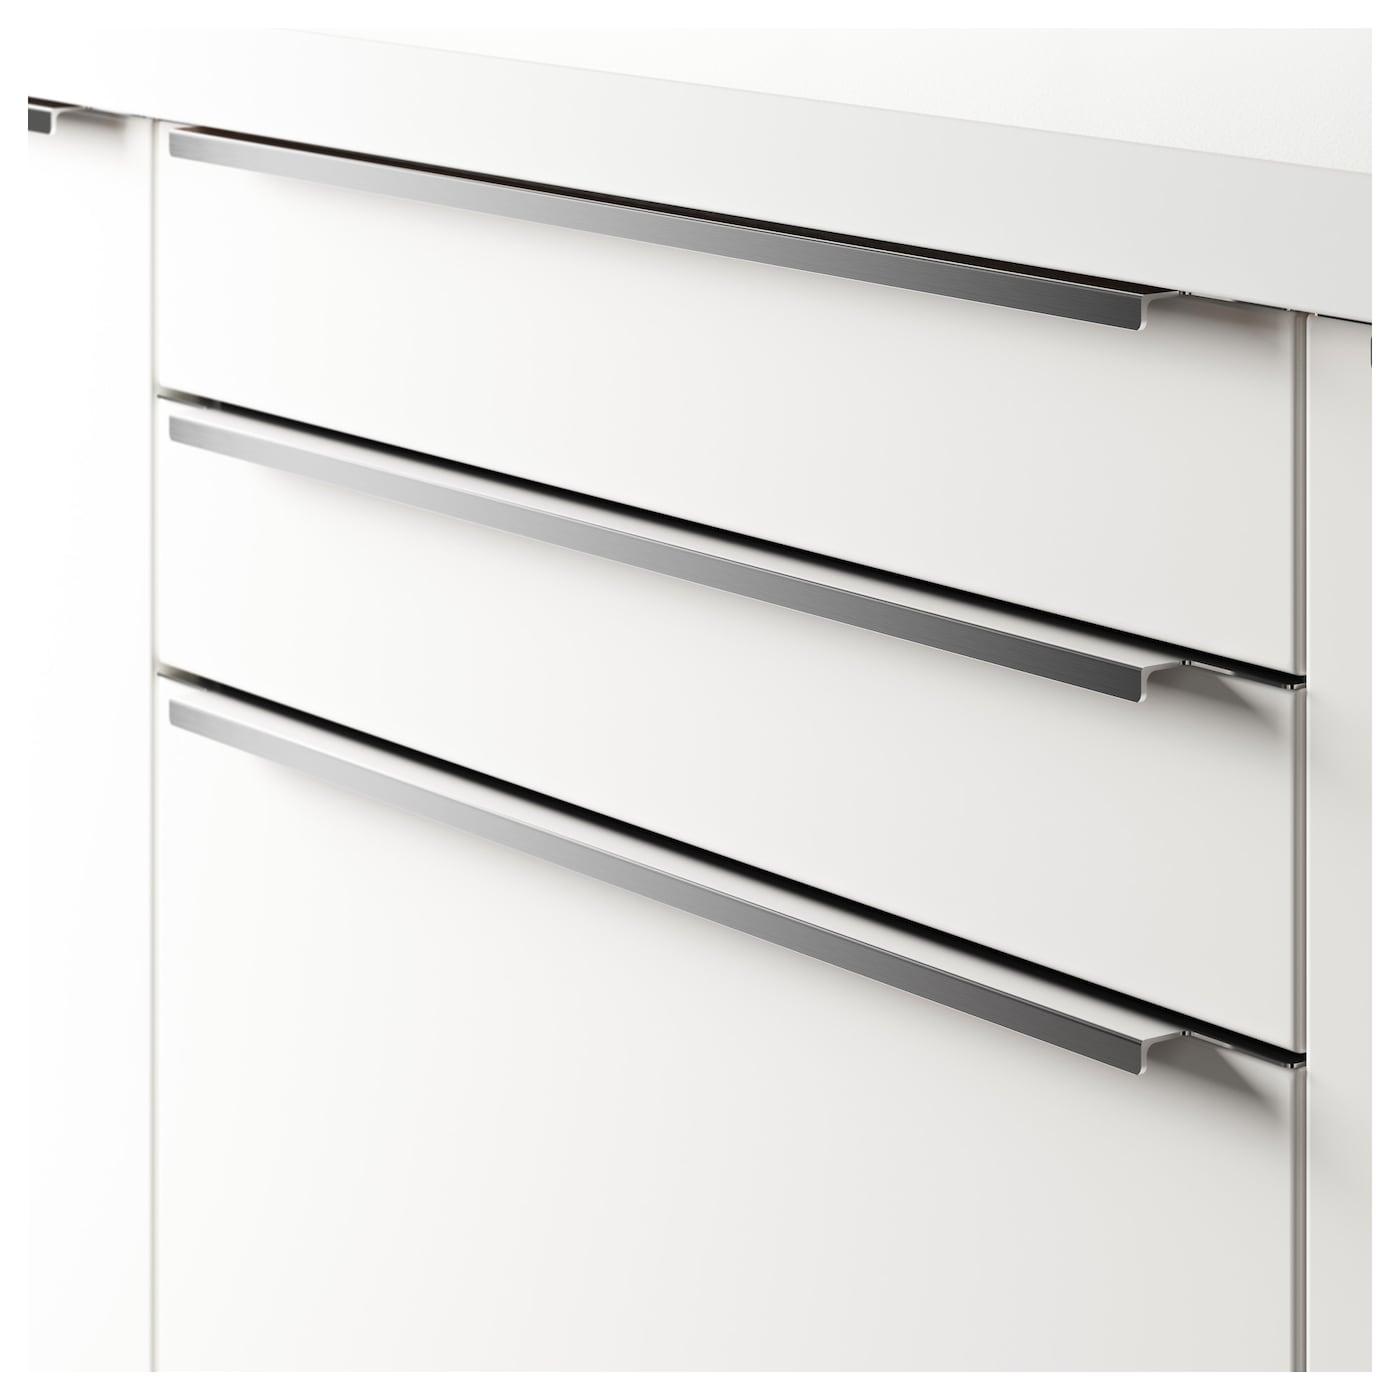 Blankett handle aluminium 595 mm ikea - Plaque aluminium cuisine ikea ...